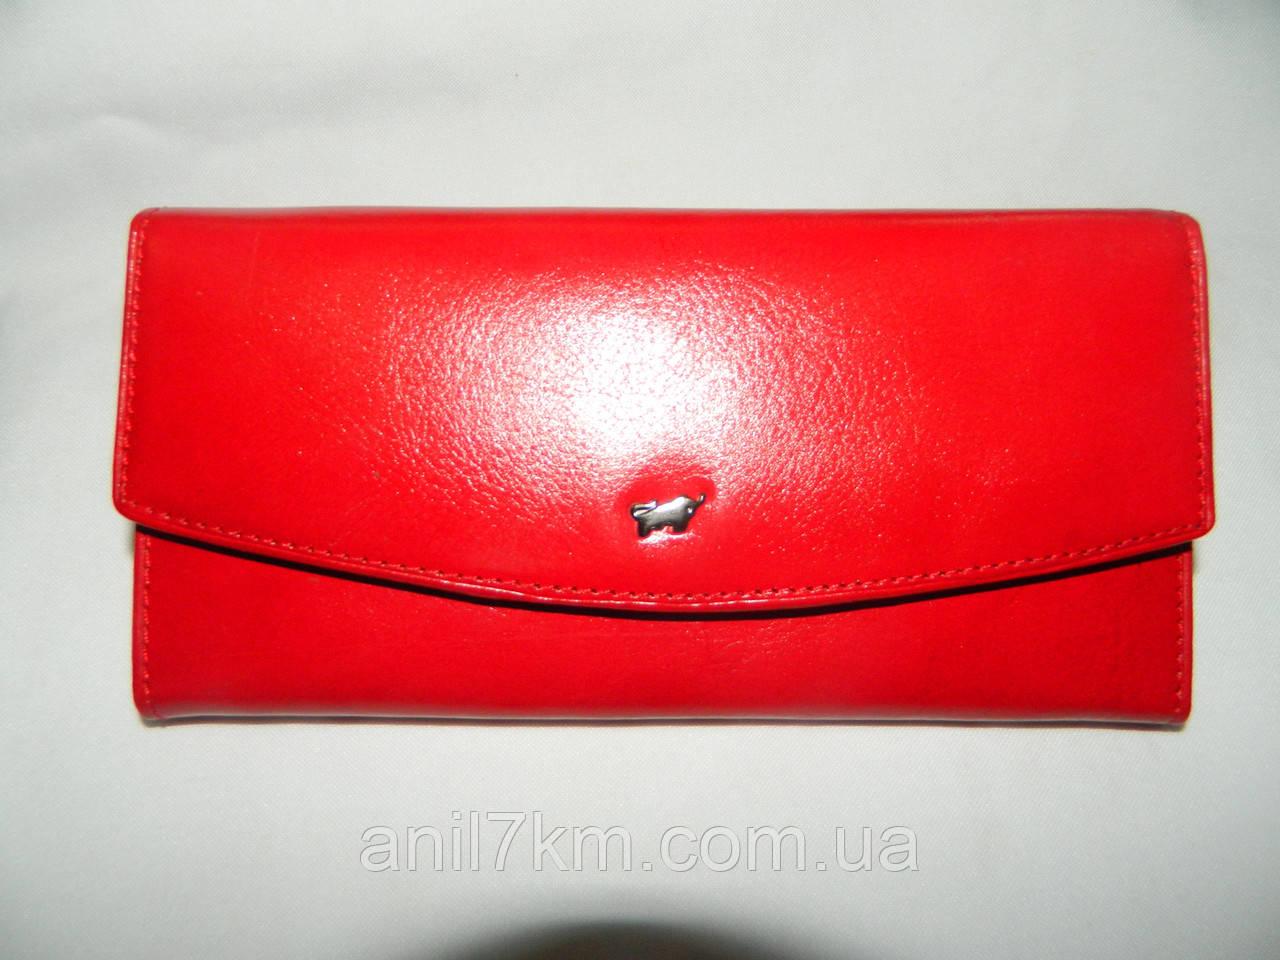 Жіночий шкіряний гаманець фірми BRAUN BUFFEL